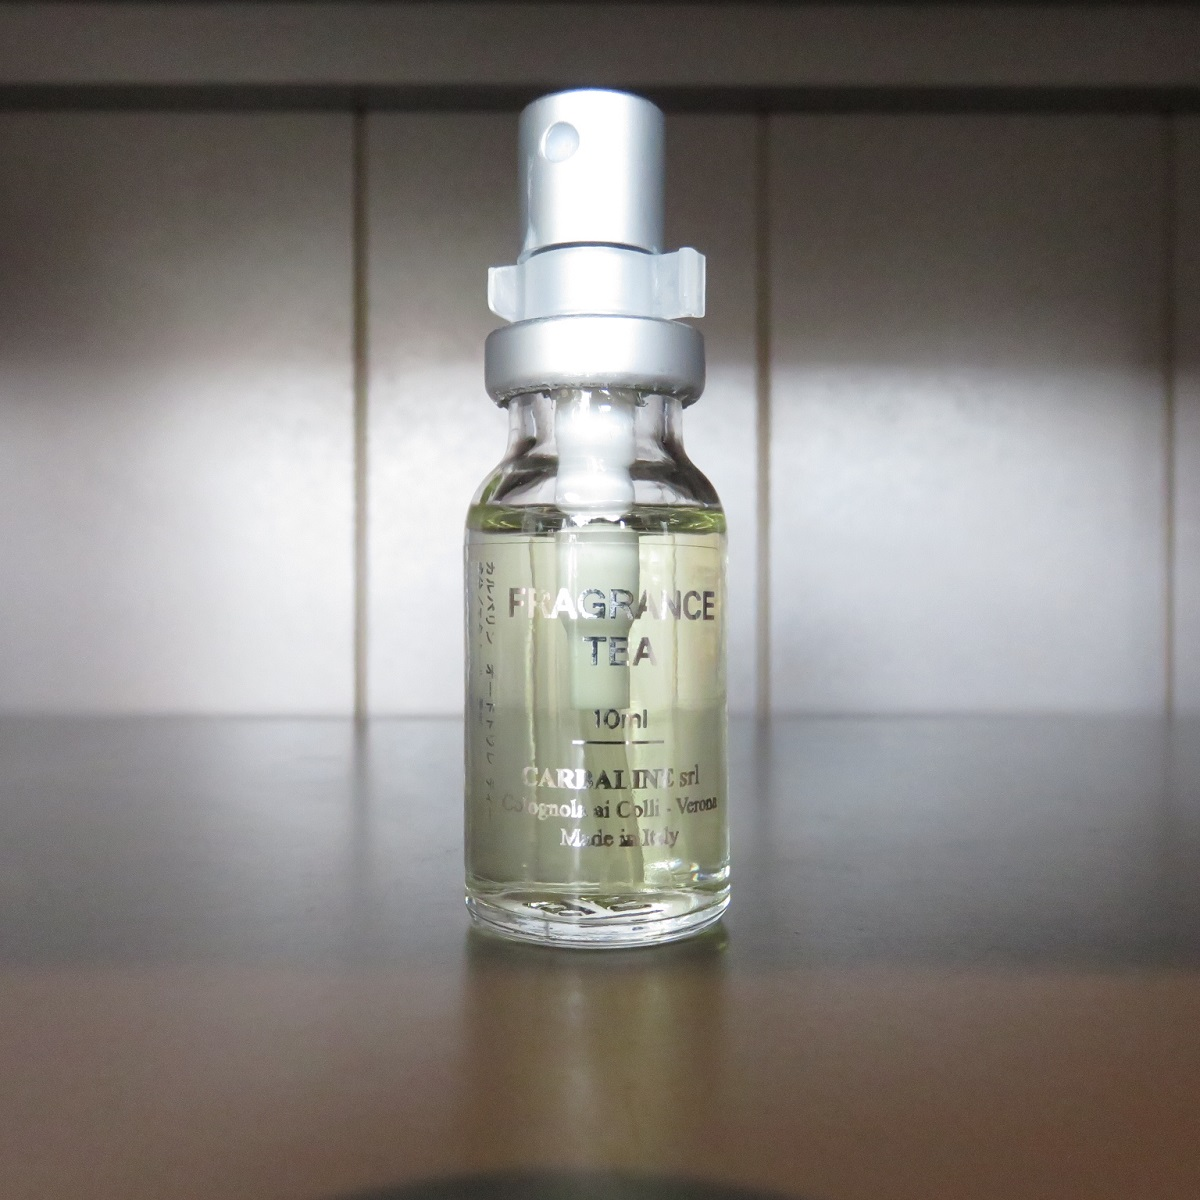 定番人気の小瓶のトワレです CARBALINE オードトワレ10ml 特価 6104 新作からSALEアイテム等お得な商品 満載 カルバリン ティー